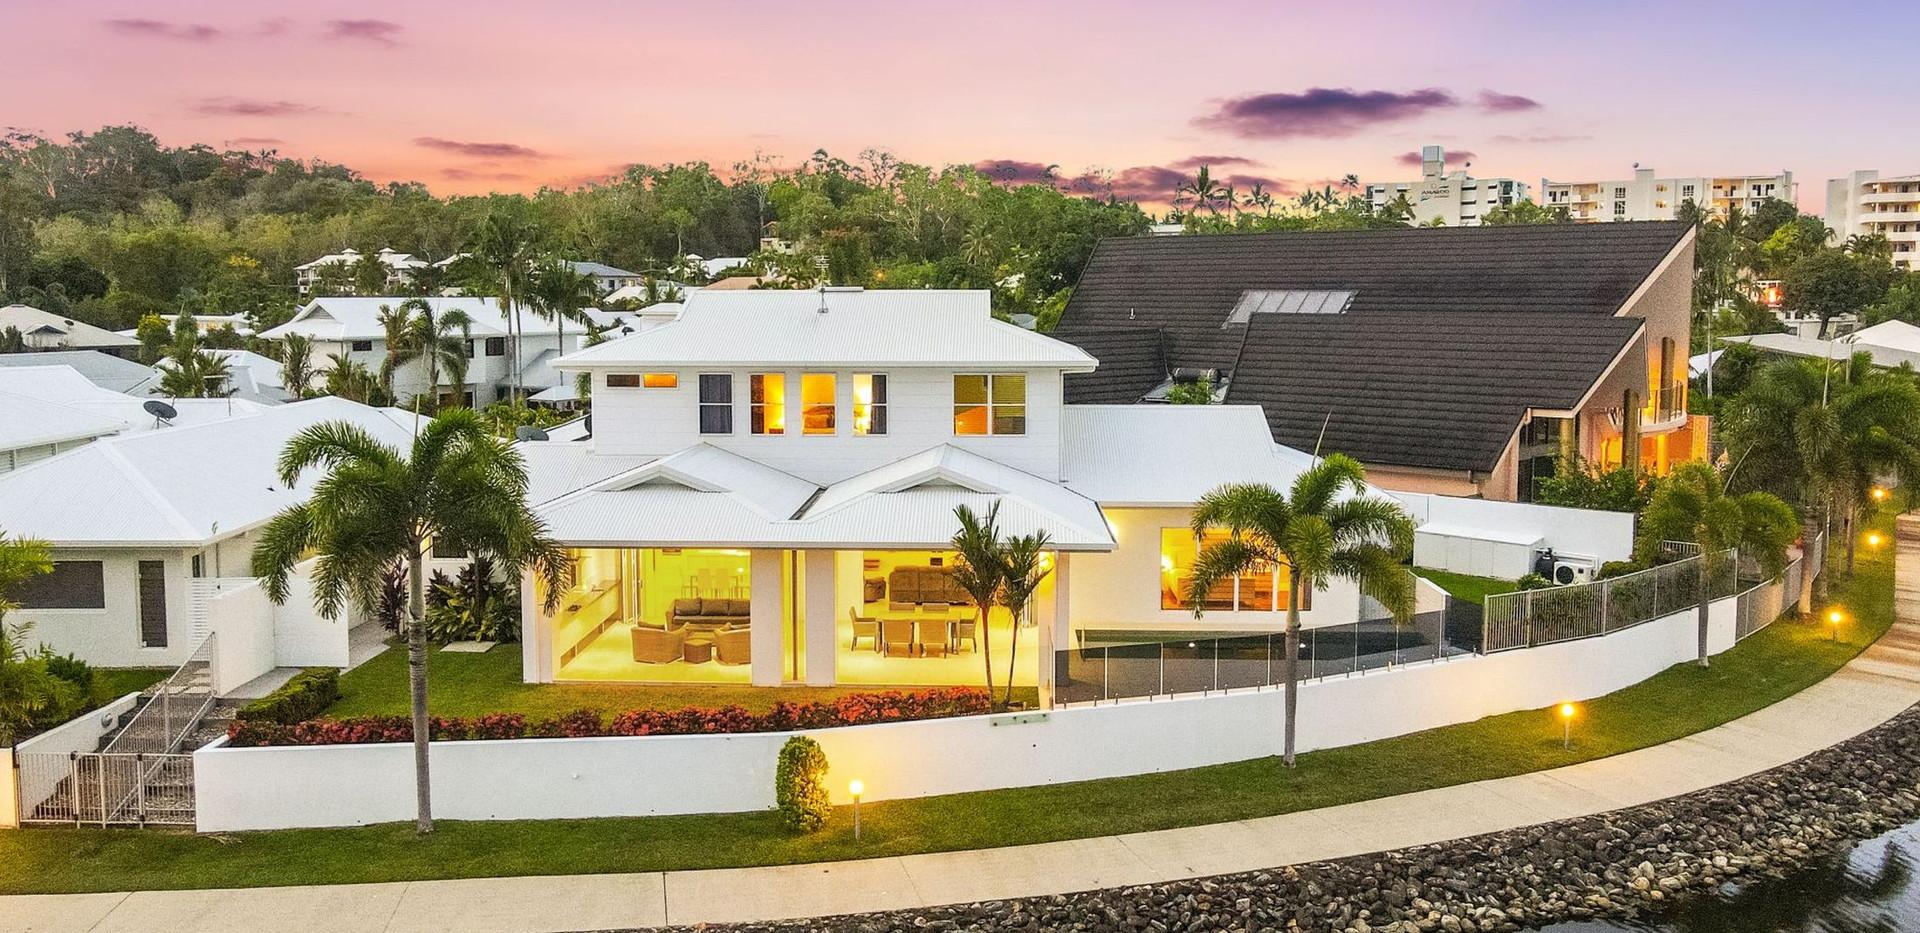 10 Lagoon Drive Trinity Beach QLD 4879 OBrien Real Estate Cairns & Beaches Daniel Arnott Monique Cruse